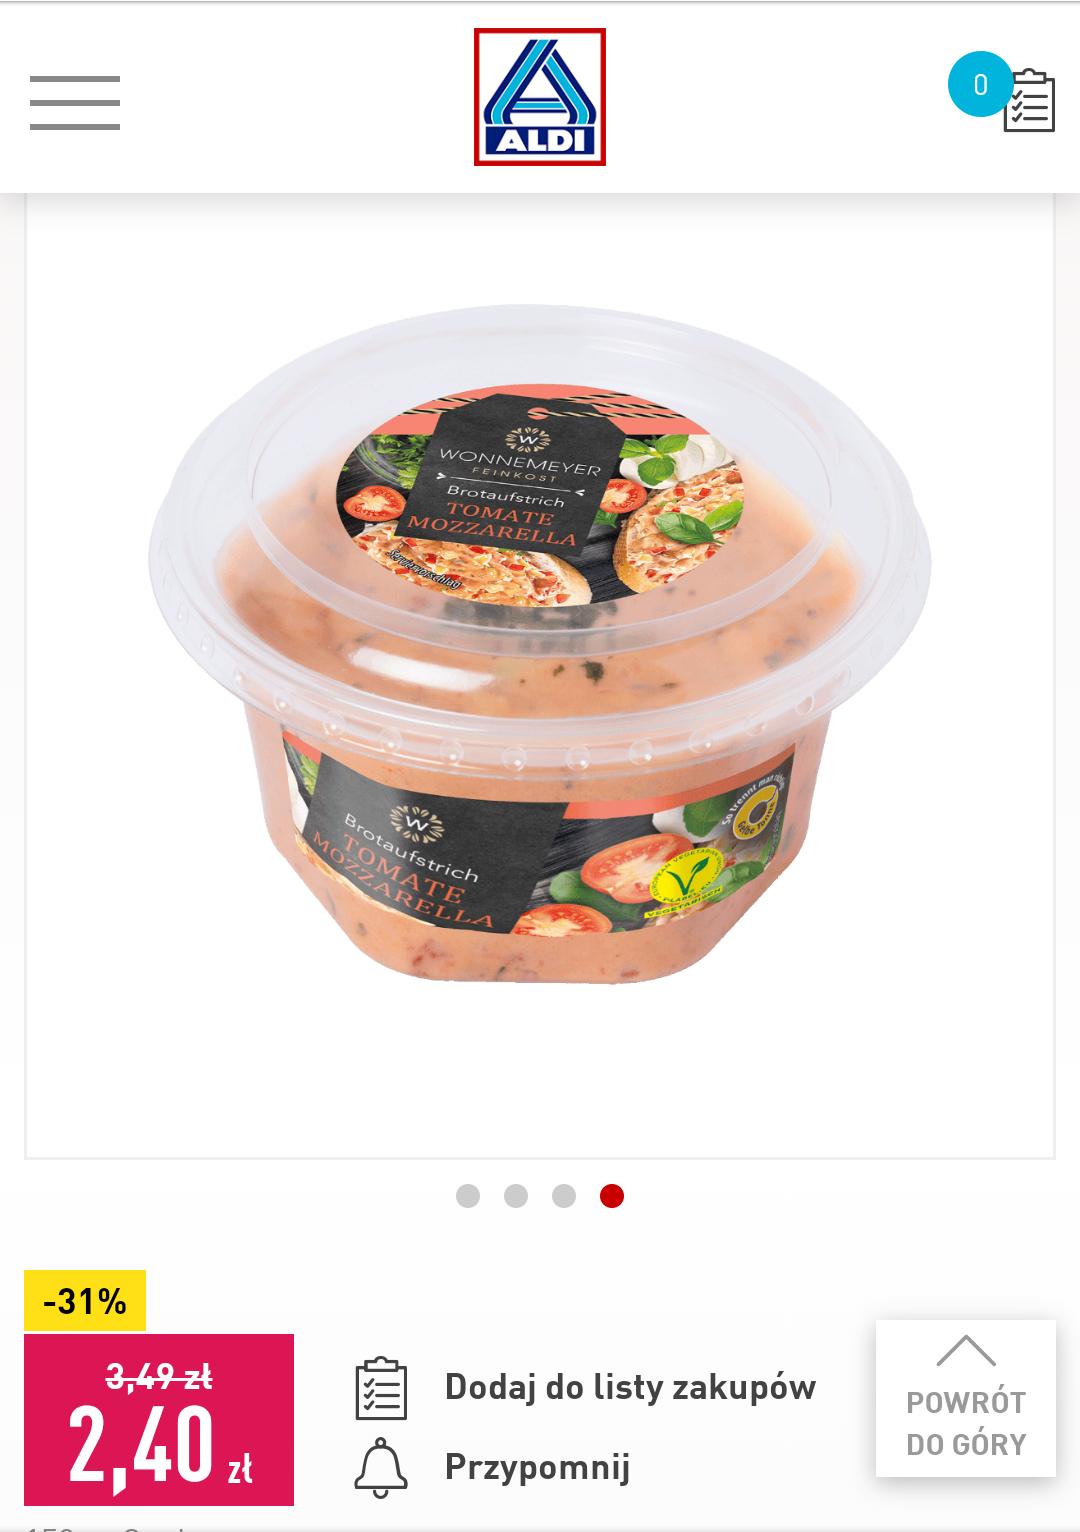 ALDI Pasta kanapkowa -31%